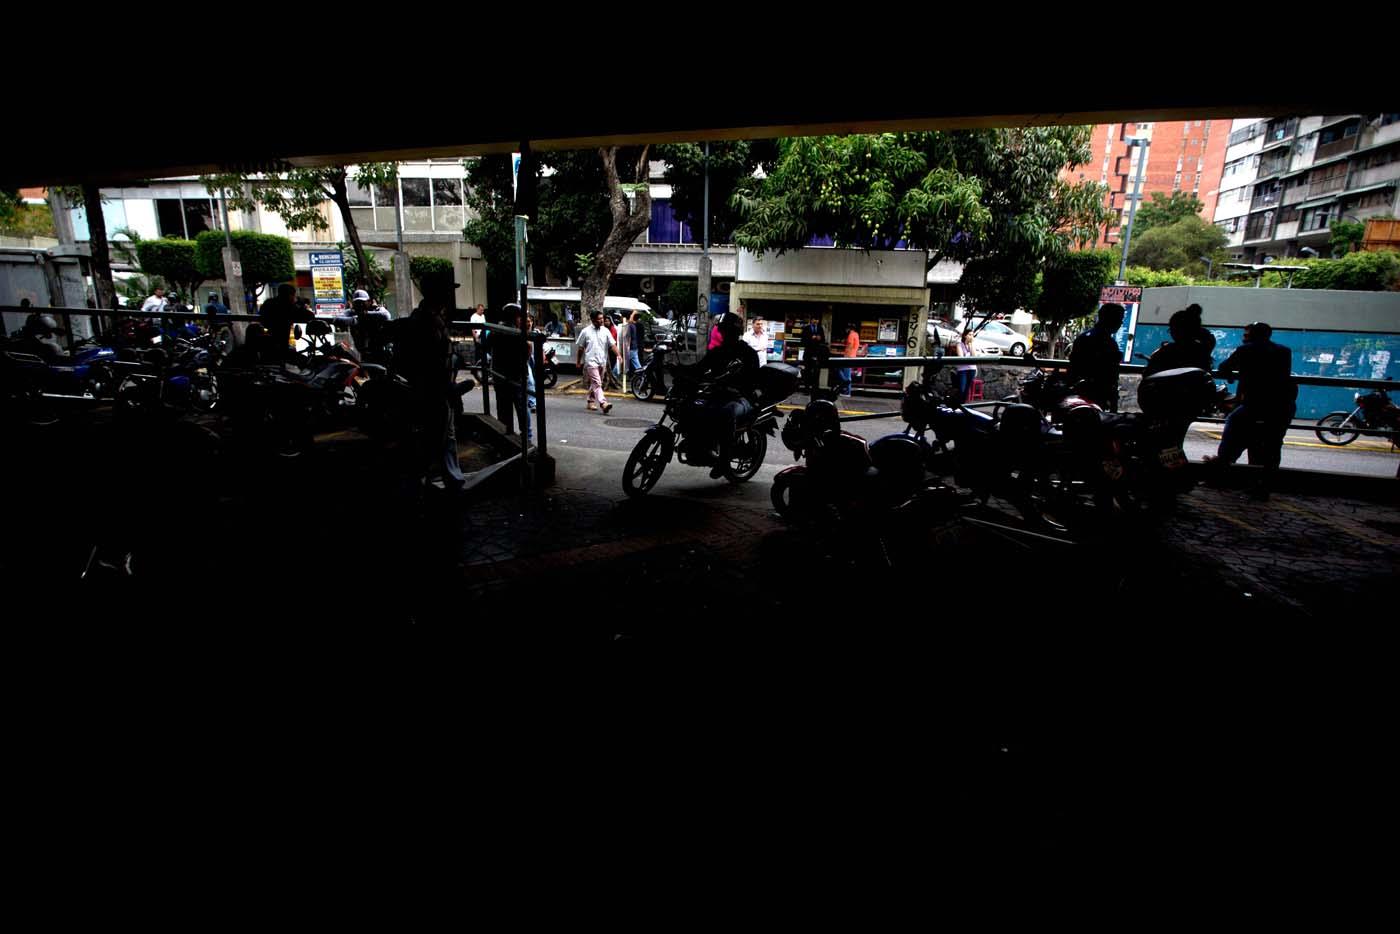 En esta imagen del 7 de abril de 2016, conductores de moto-taxis esperan a clientes en su estación cerca del lugar en el que Roberto Bernal fue golpeado y quemado vivo luego de que se le acusara de robar el equivalente a 5 dólares en Caracas, Venezuela. Los linchamientos en contra de las personas acusadas de robos, se ha vuelto algo común en esta nación de 30 millones de habitantes y azotada por la delincuencia, y que alguna vez fuera una de las más ricas y seguras de Latinoamérica. (Foto AP/Fernando Llano)